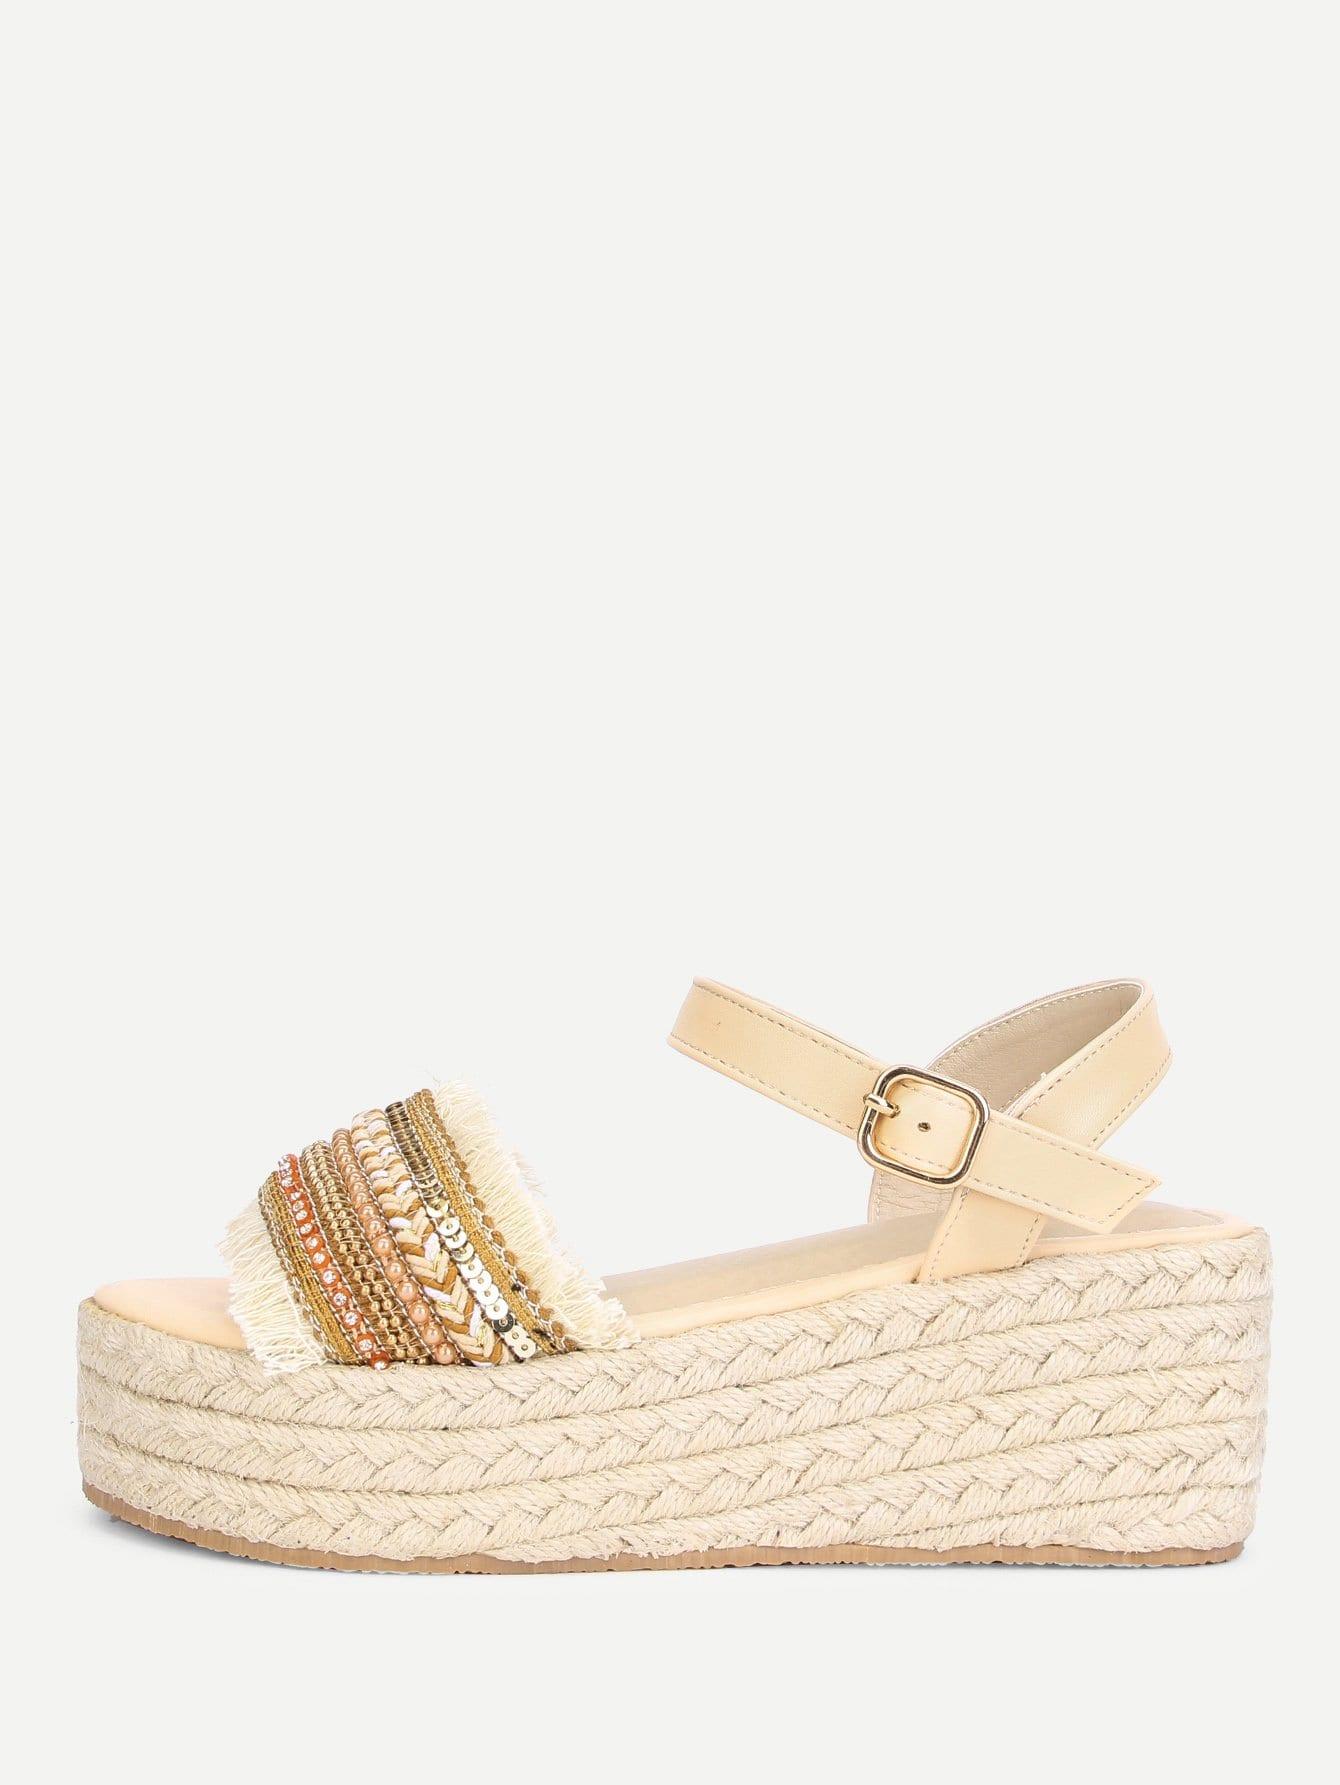 Купить Необработанные сандалии сандалии с ювелирными изделиями, null, SheIn